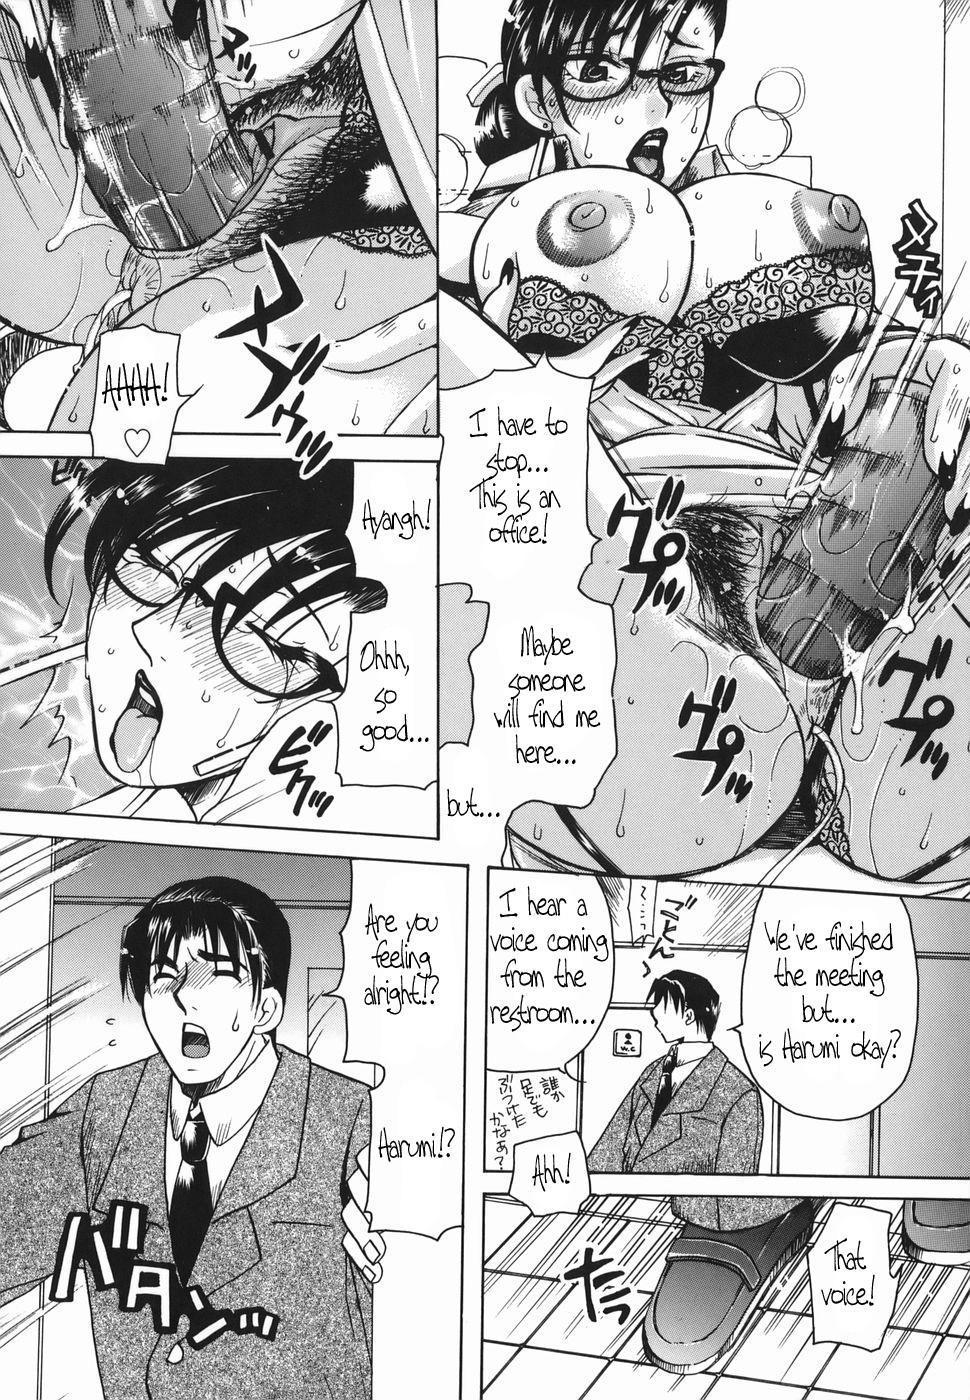 Haha Mitsu 94